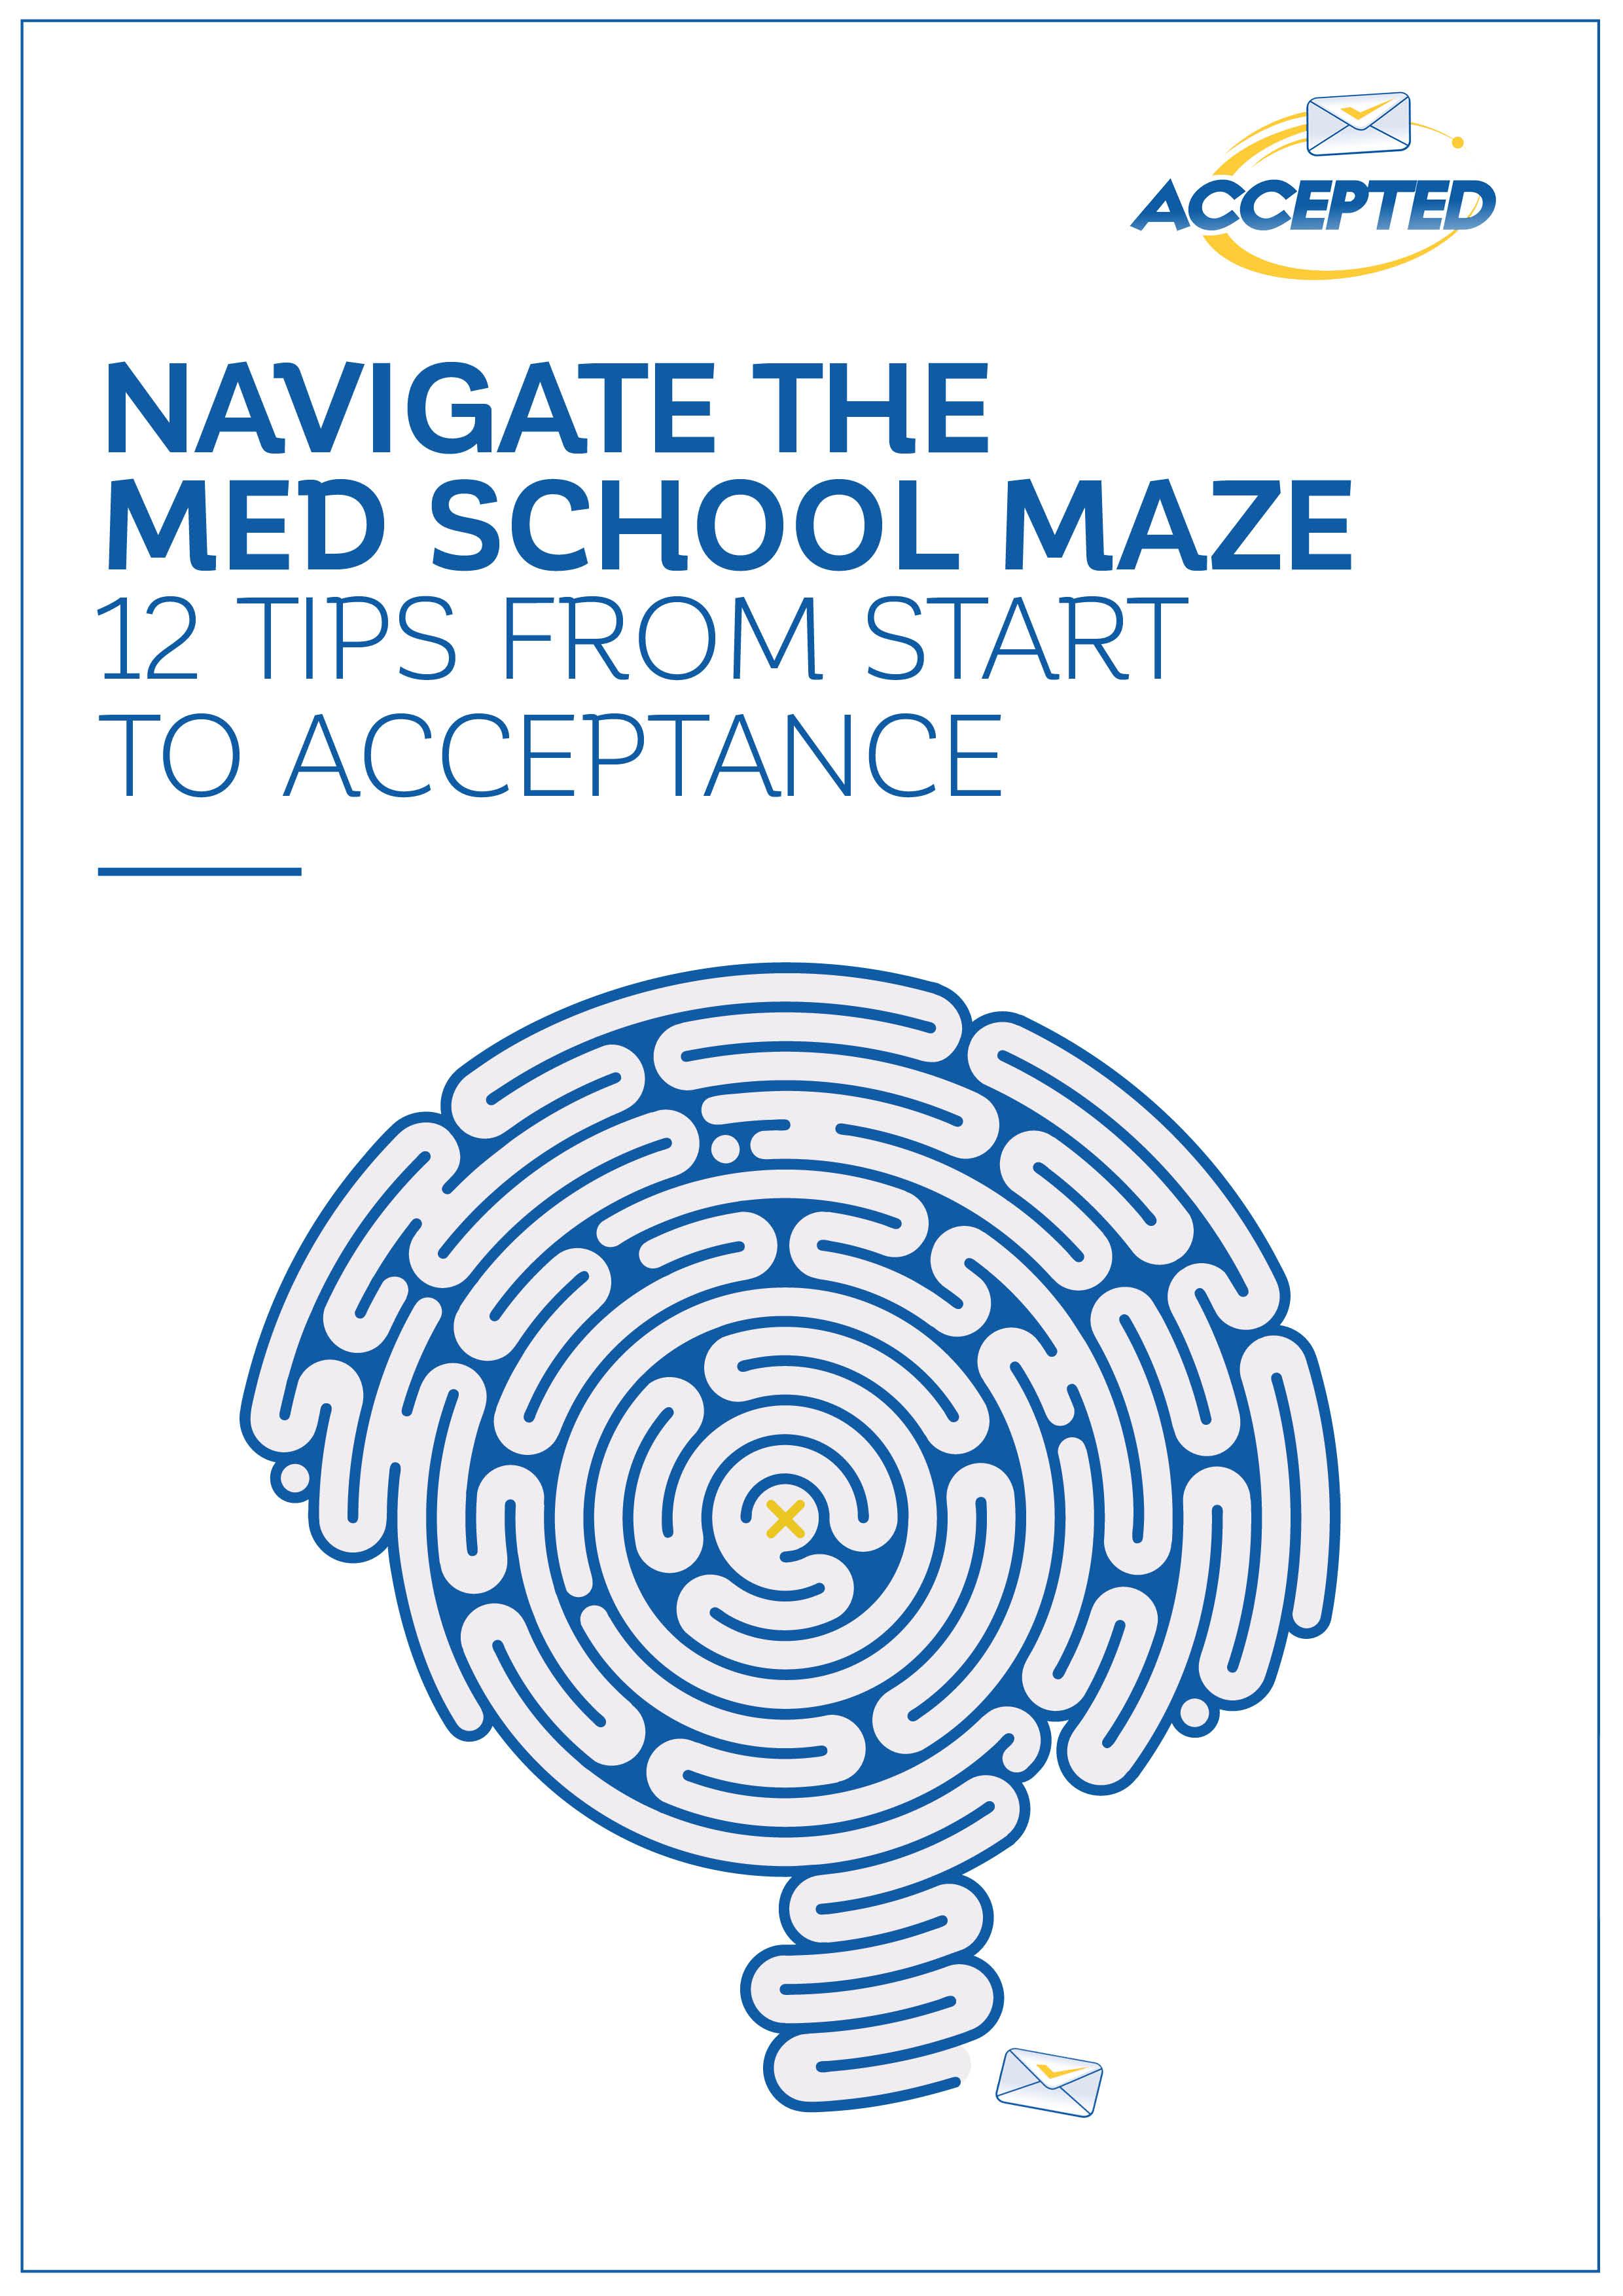 Med_Maze_Cover.jpg